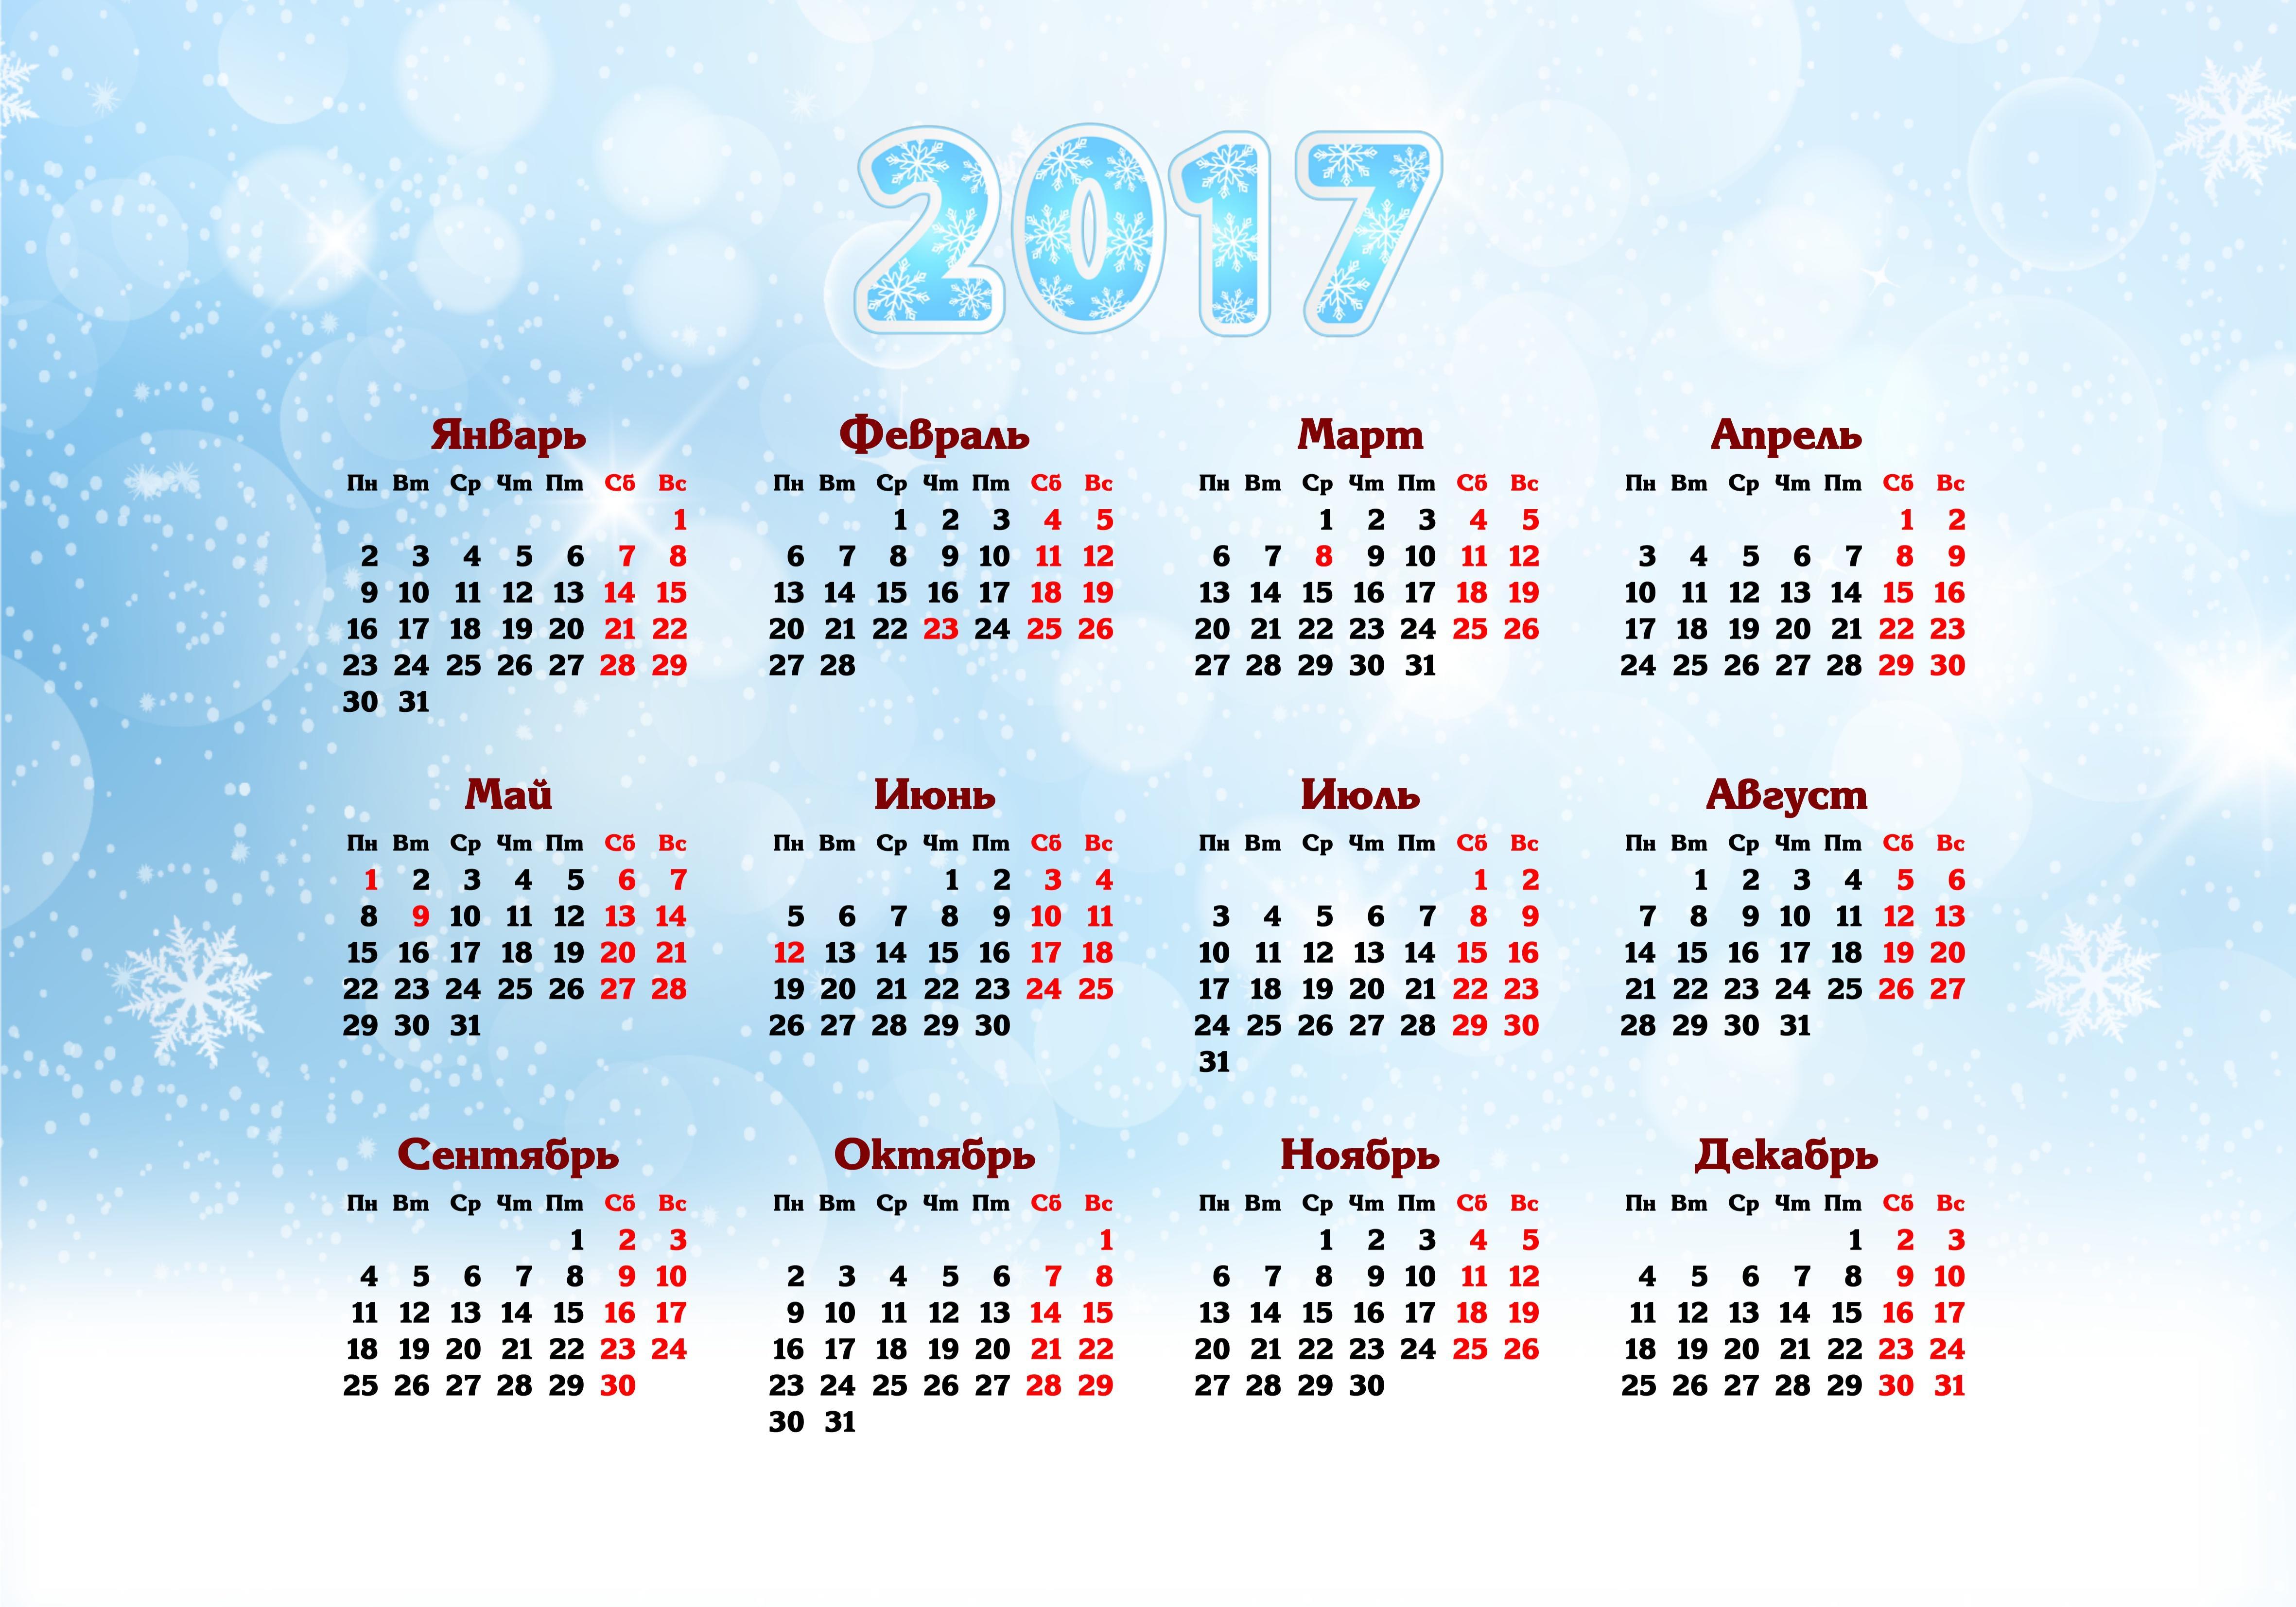 Праздники на новый год 2017 2017